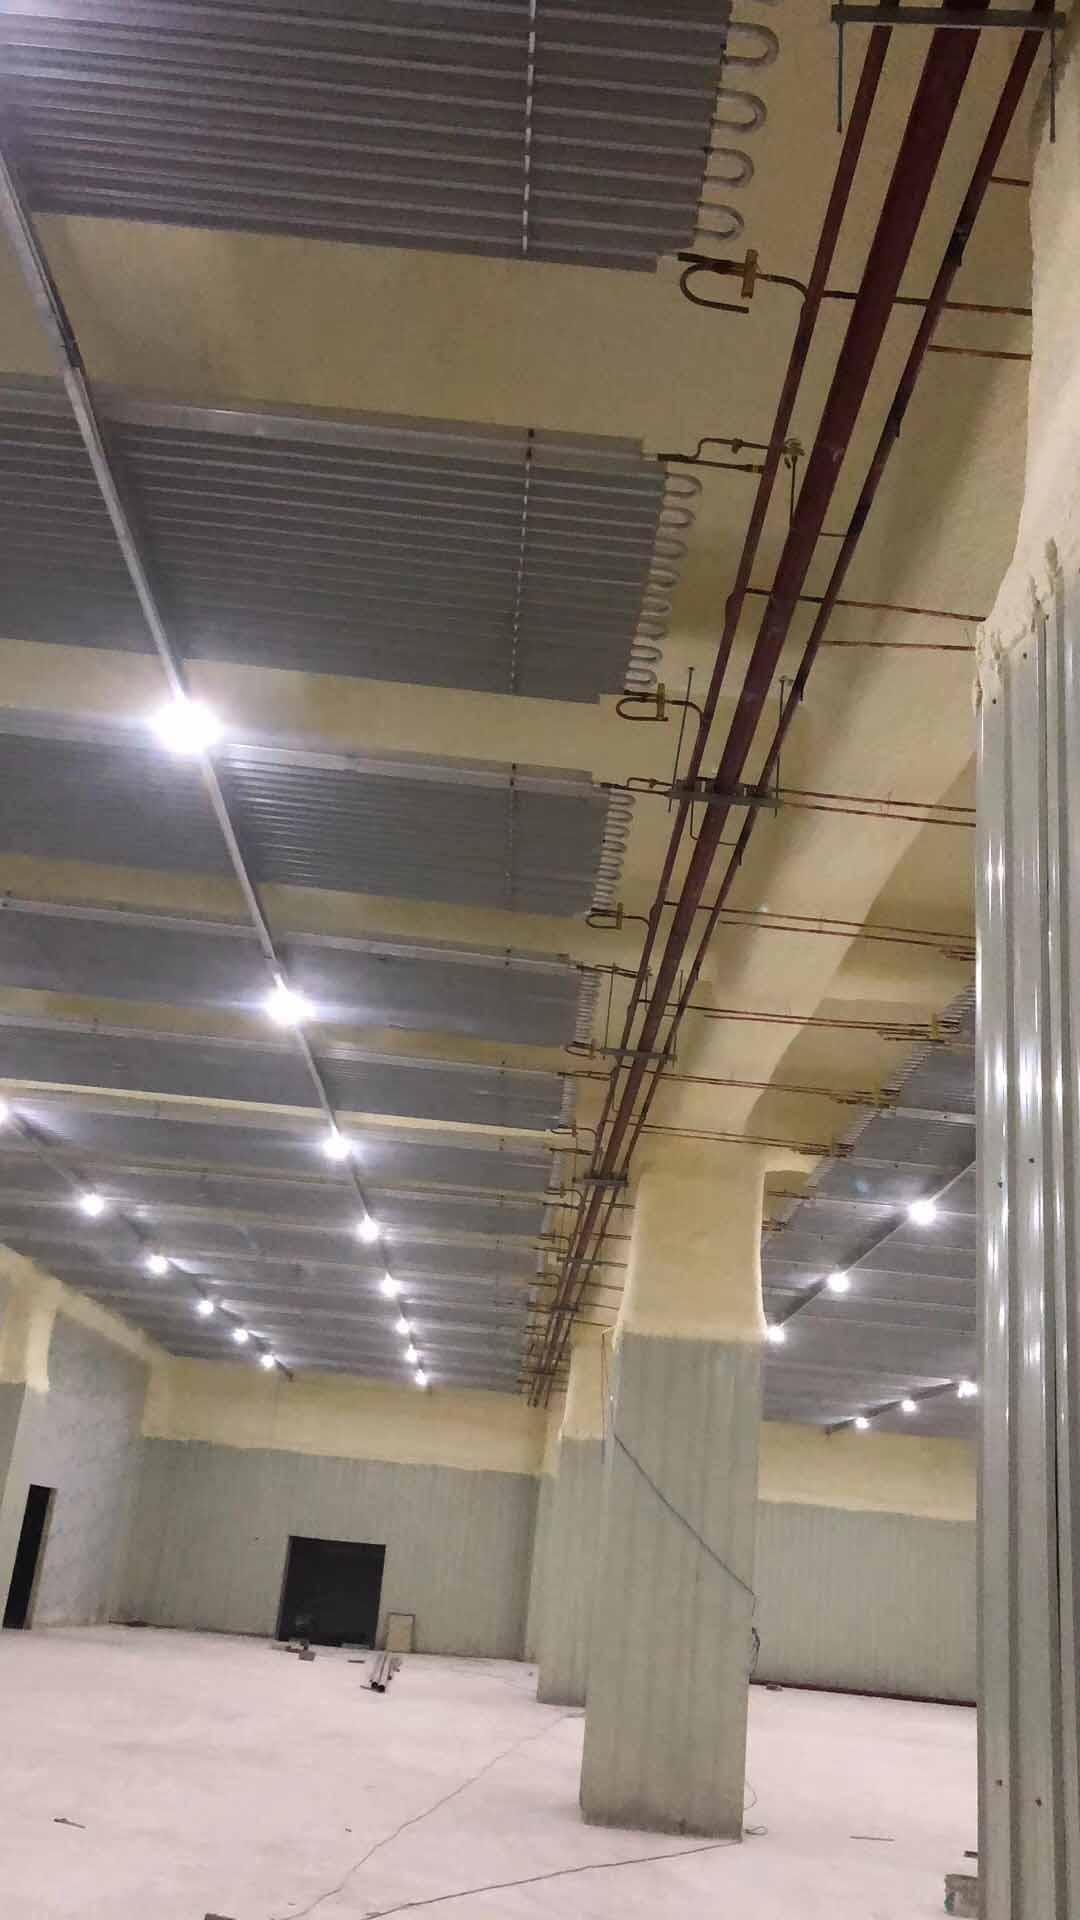 泉州鲜花冷库设计施工 欢迎咨询 厦门晶雪冷冻设备供应